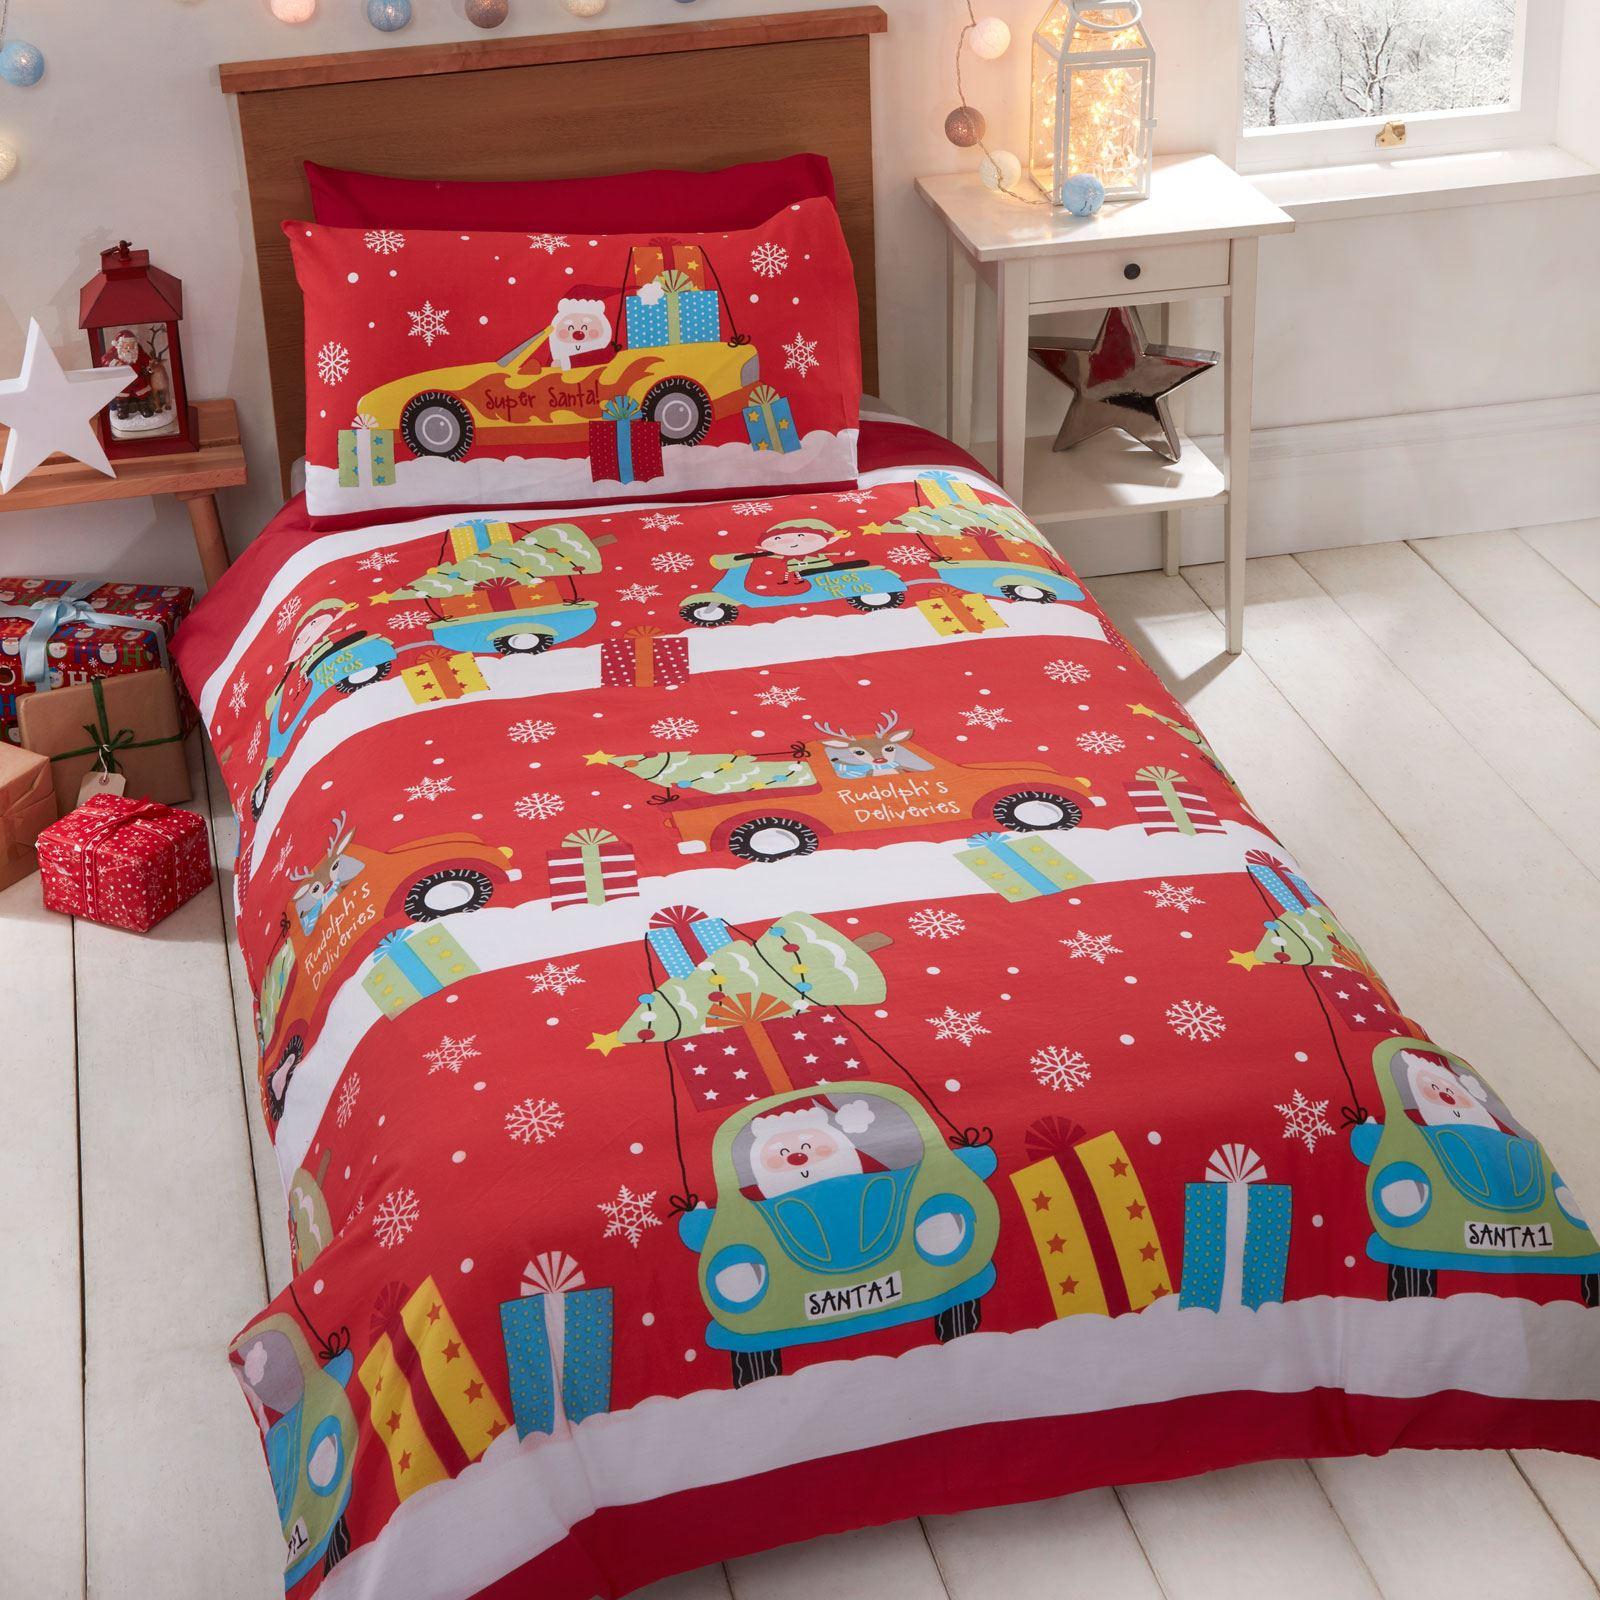 Indexbild 13 - Kinder Weihnachten Bettbezug Sets - Junior Einzel Doppel King - Elf Emoji Grinch